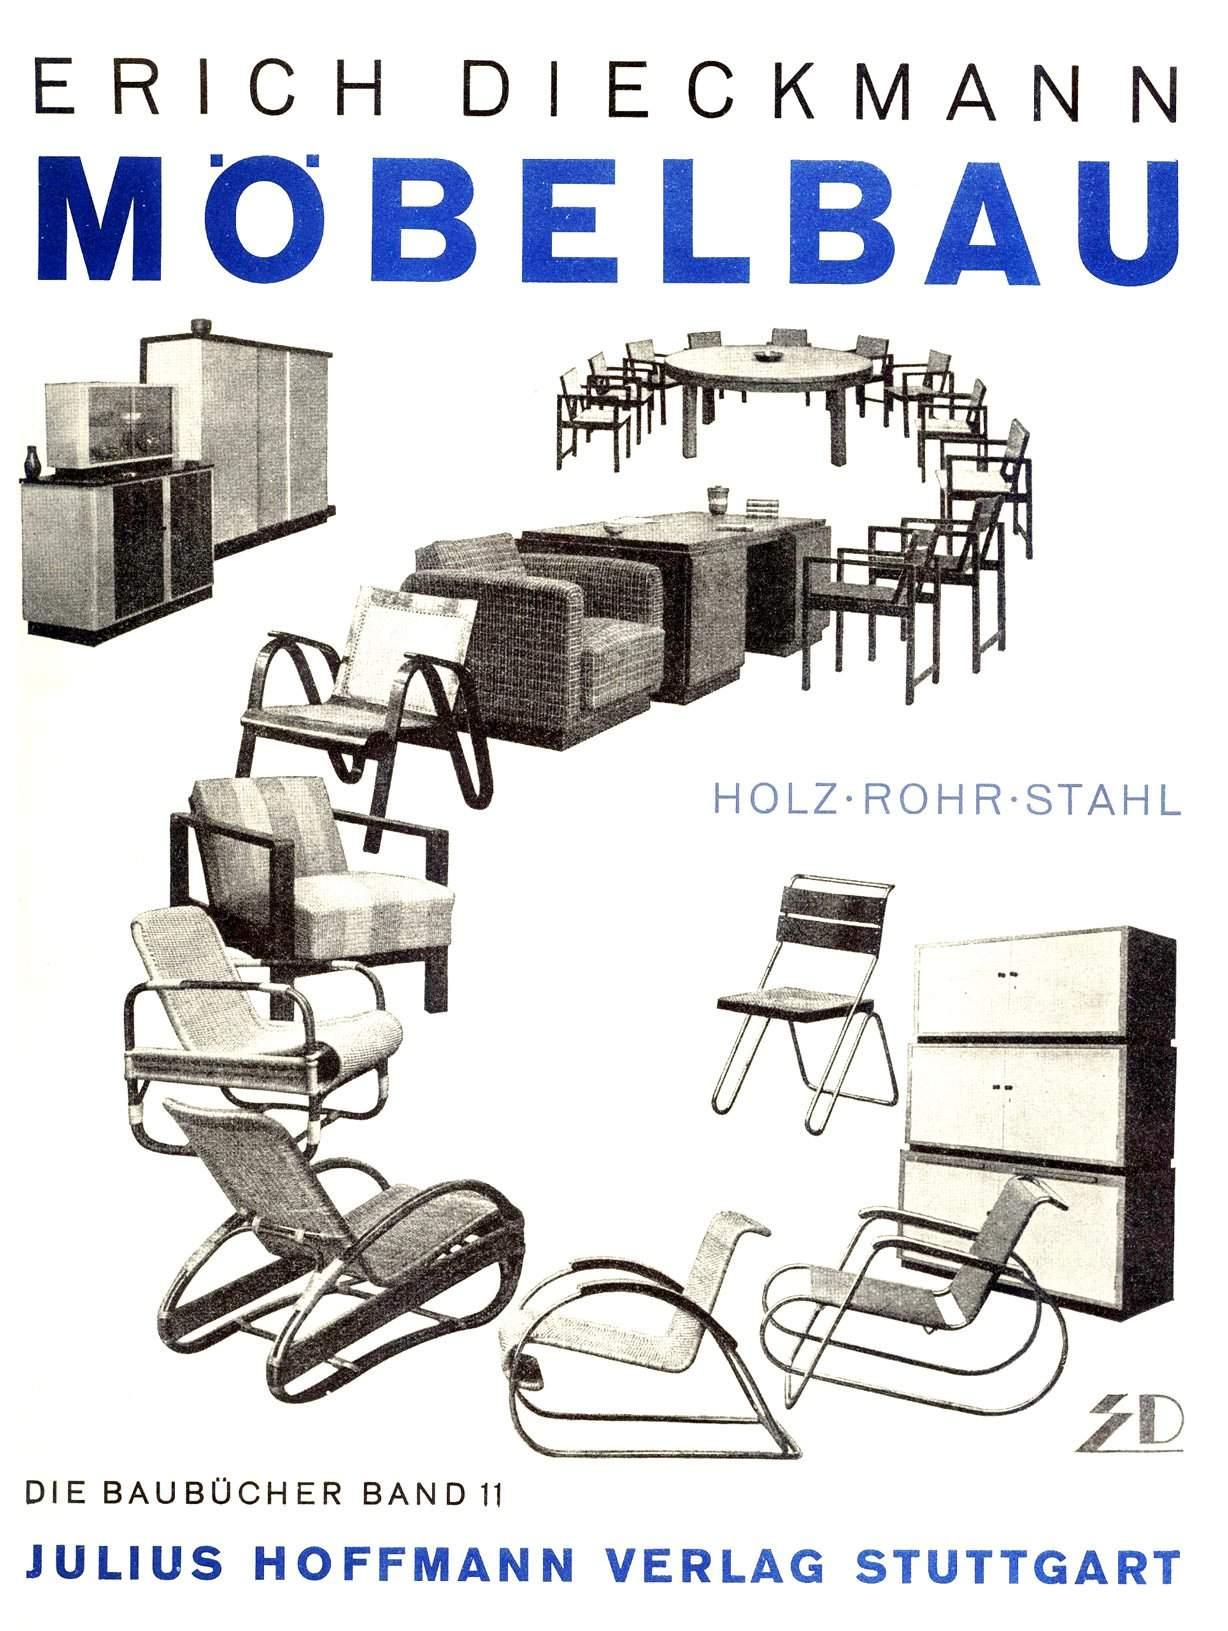 Erich-Dieckmann--Mobelbau-in-Holz-Rohr-und-Stahl